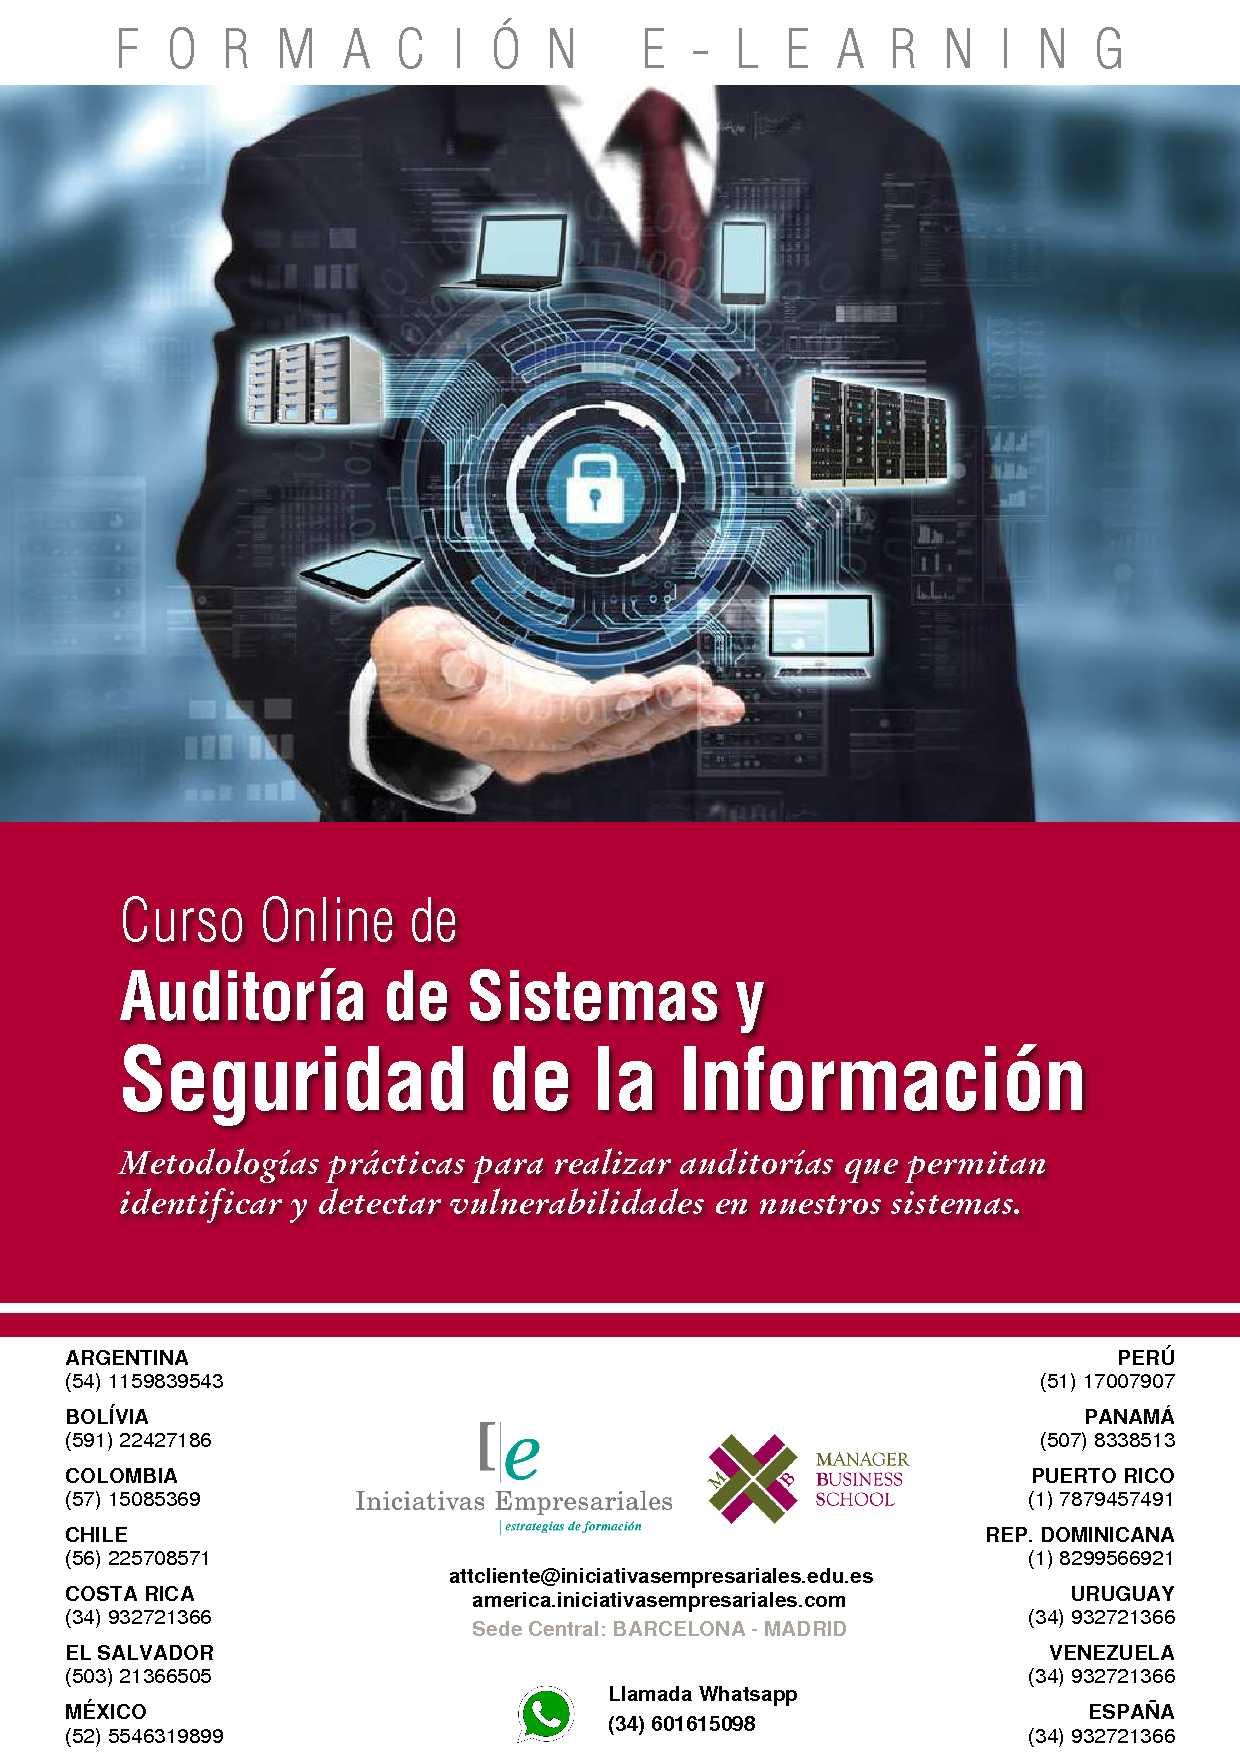 Curso Auditoría De Sistemas Y Seguridad De La Información